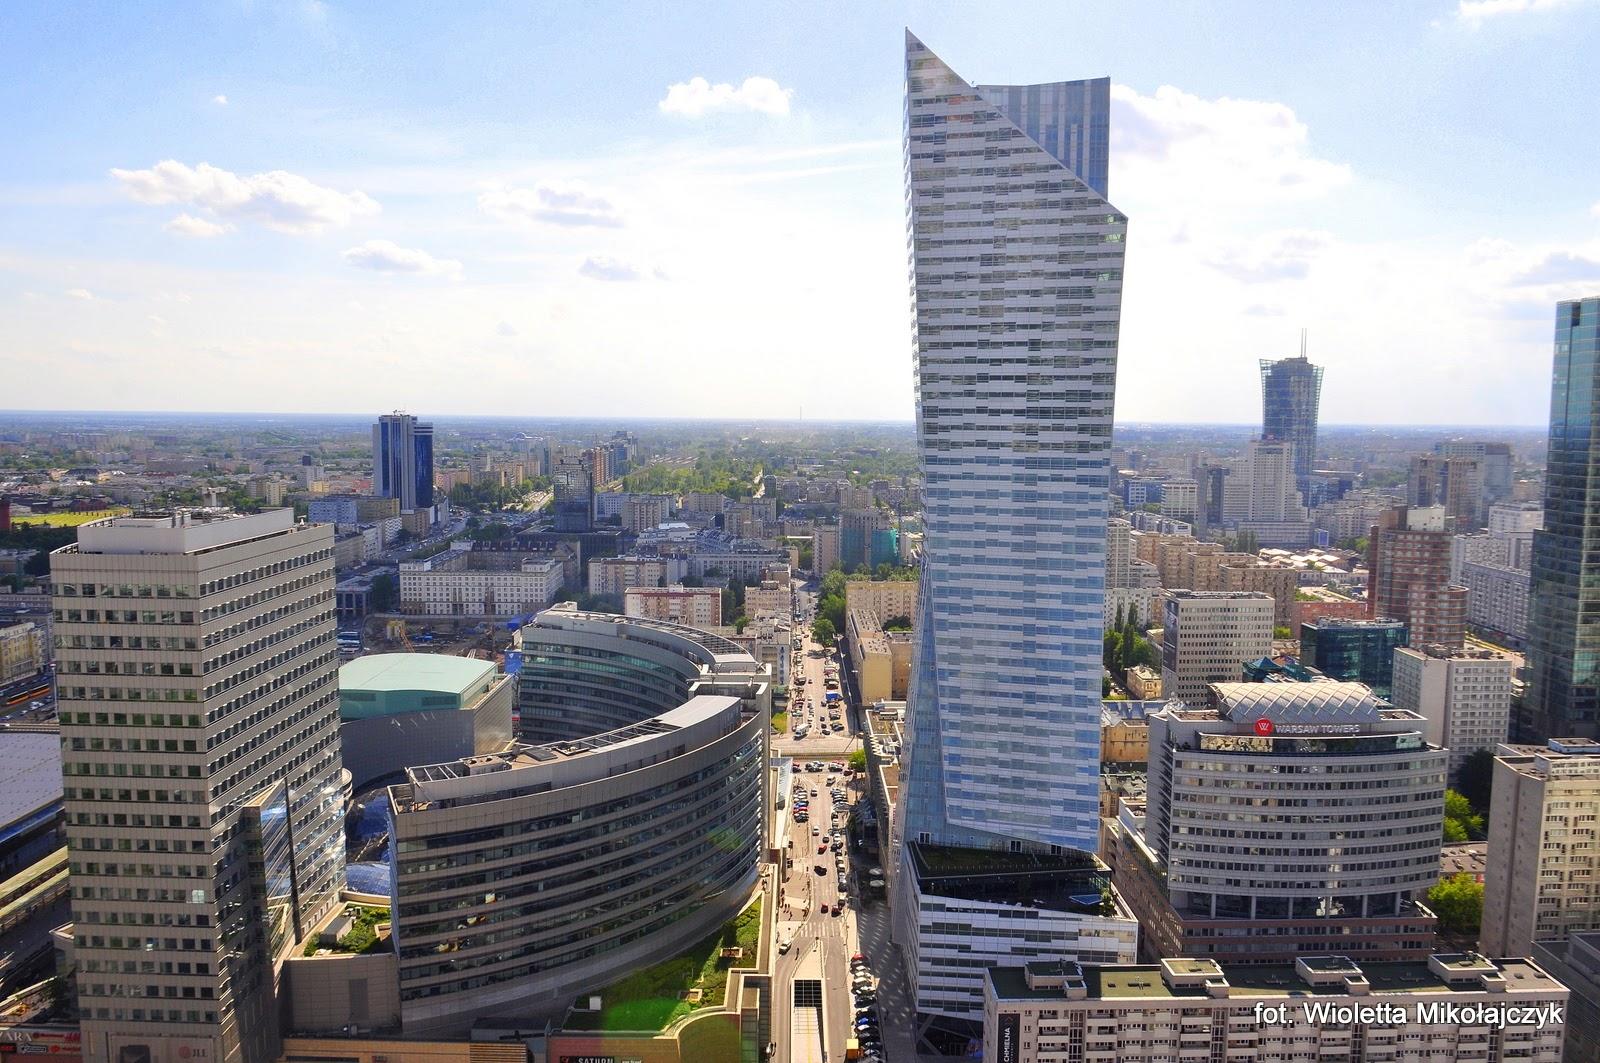 Punkt widokowy na XXX piętrze Pałacu Kultury i Nauki w Warszawie.